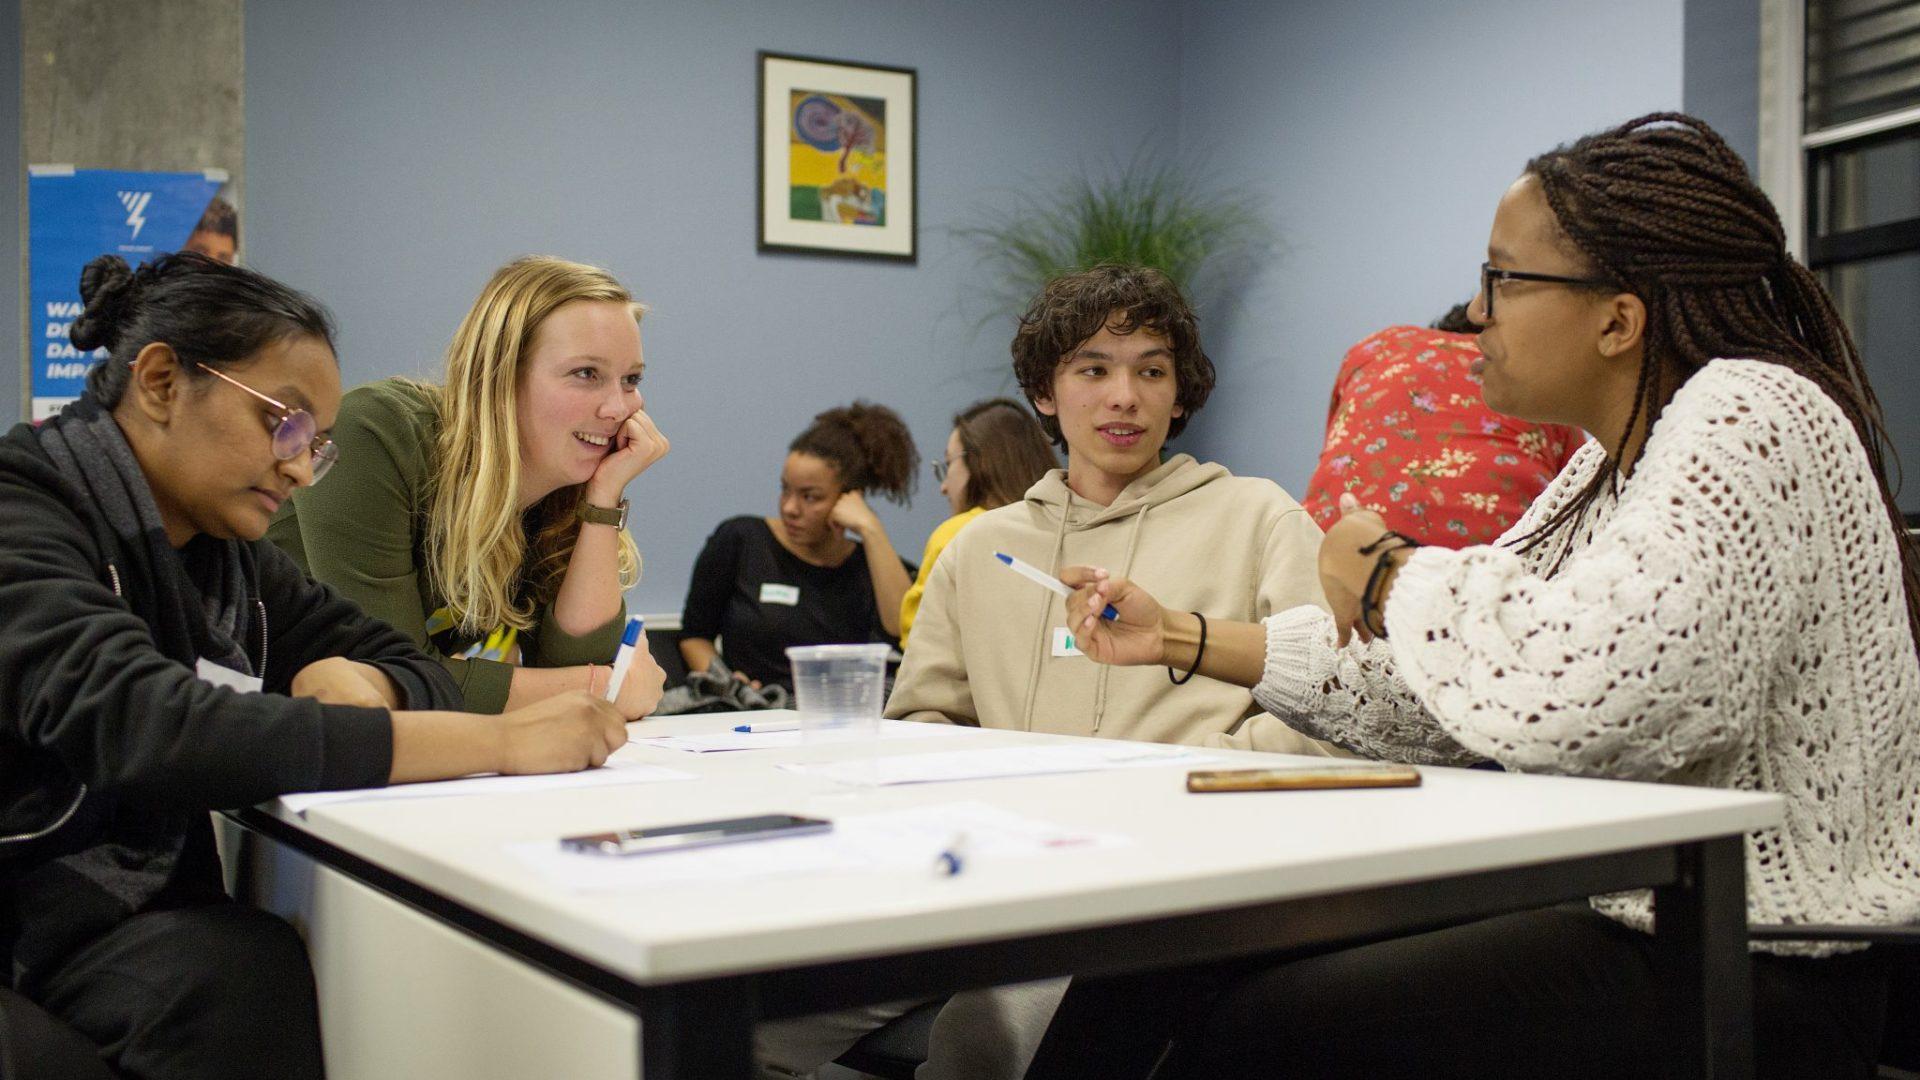 Young Impact en Rotterdamse onderwijsinstellingen aan de slag met MDT